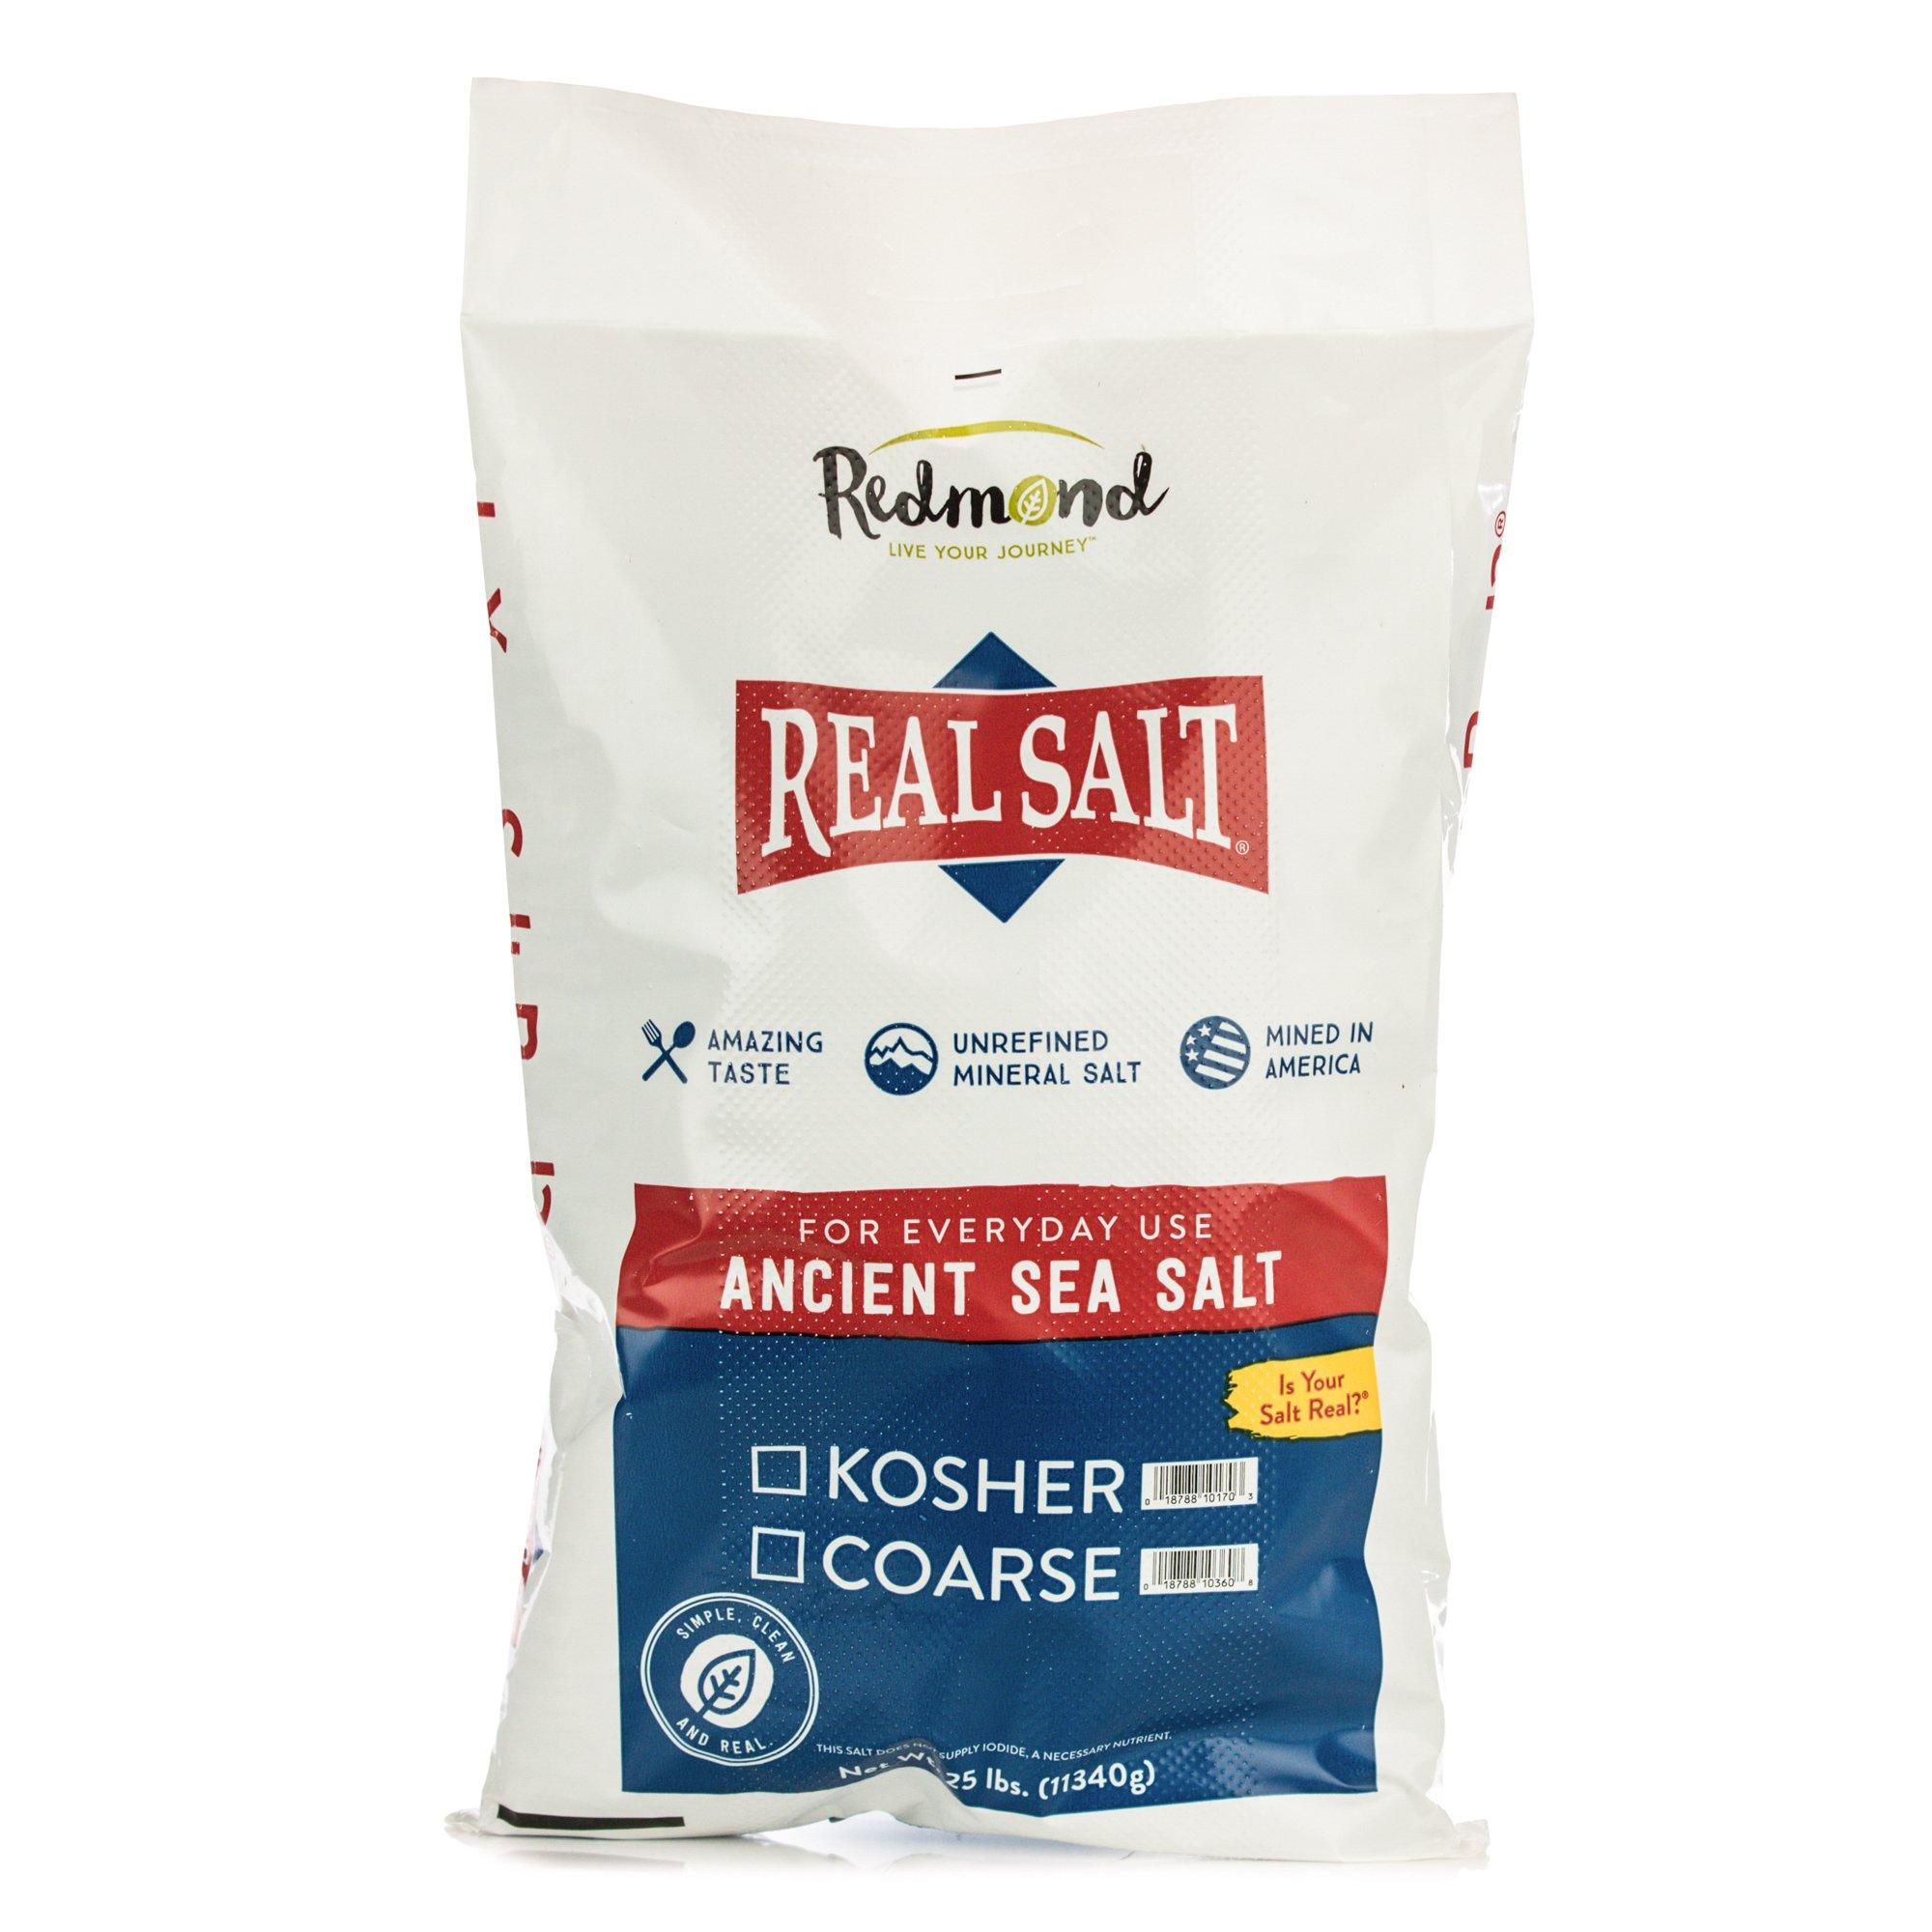 Redmond Real Salt Kosher by Redmond Real Salt (Image #1)